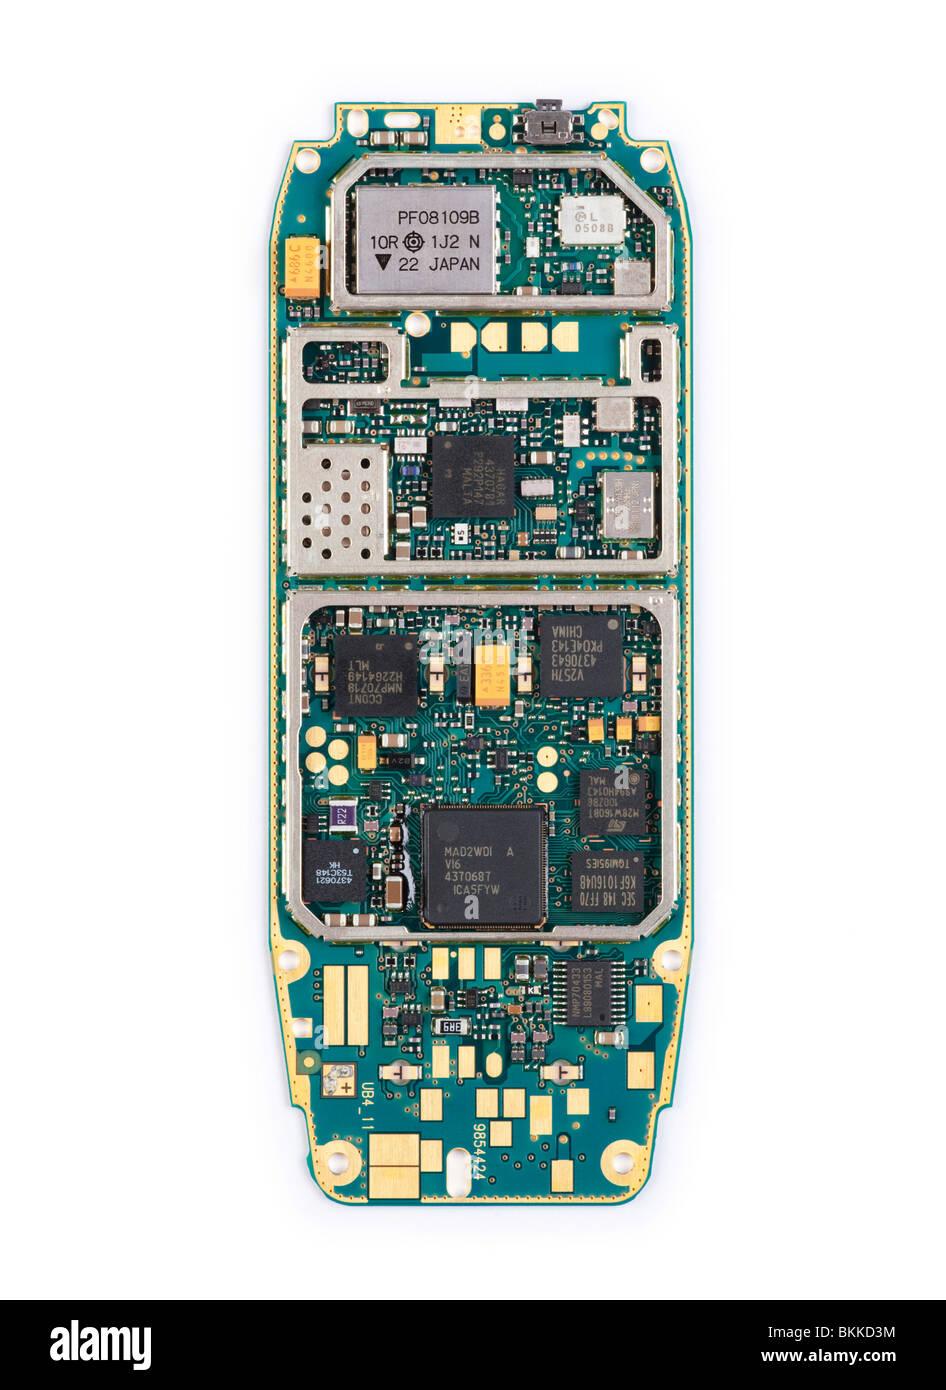 Image Gallery Nokia 3310 Motherboard Free Download N72 Circuit Diagram 1 20